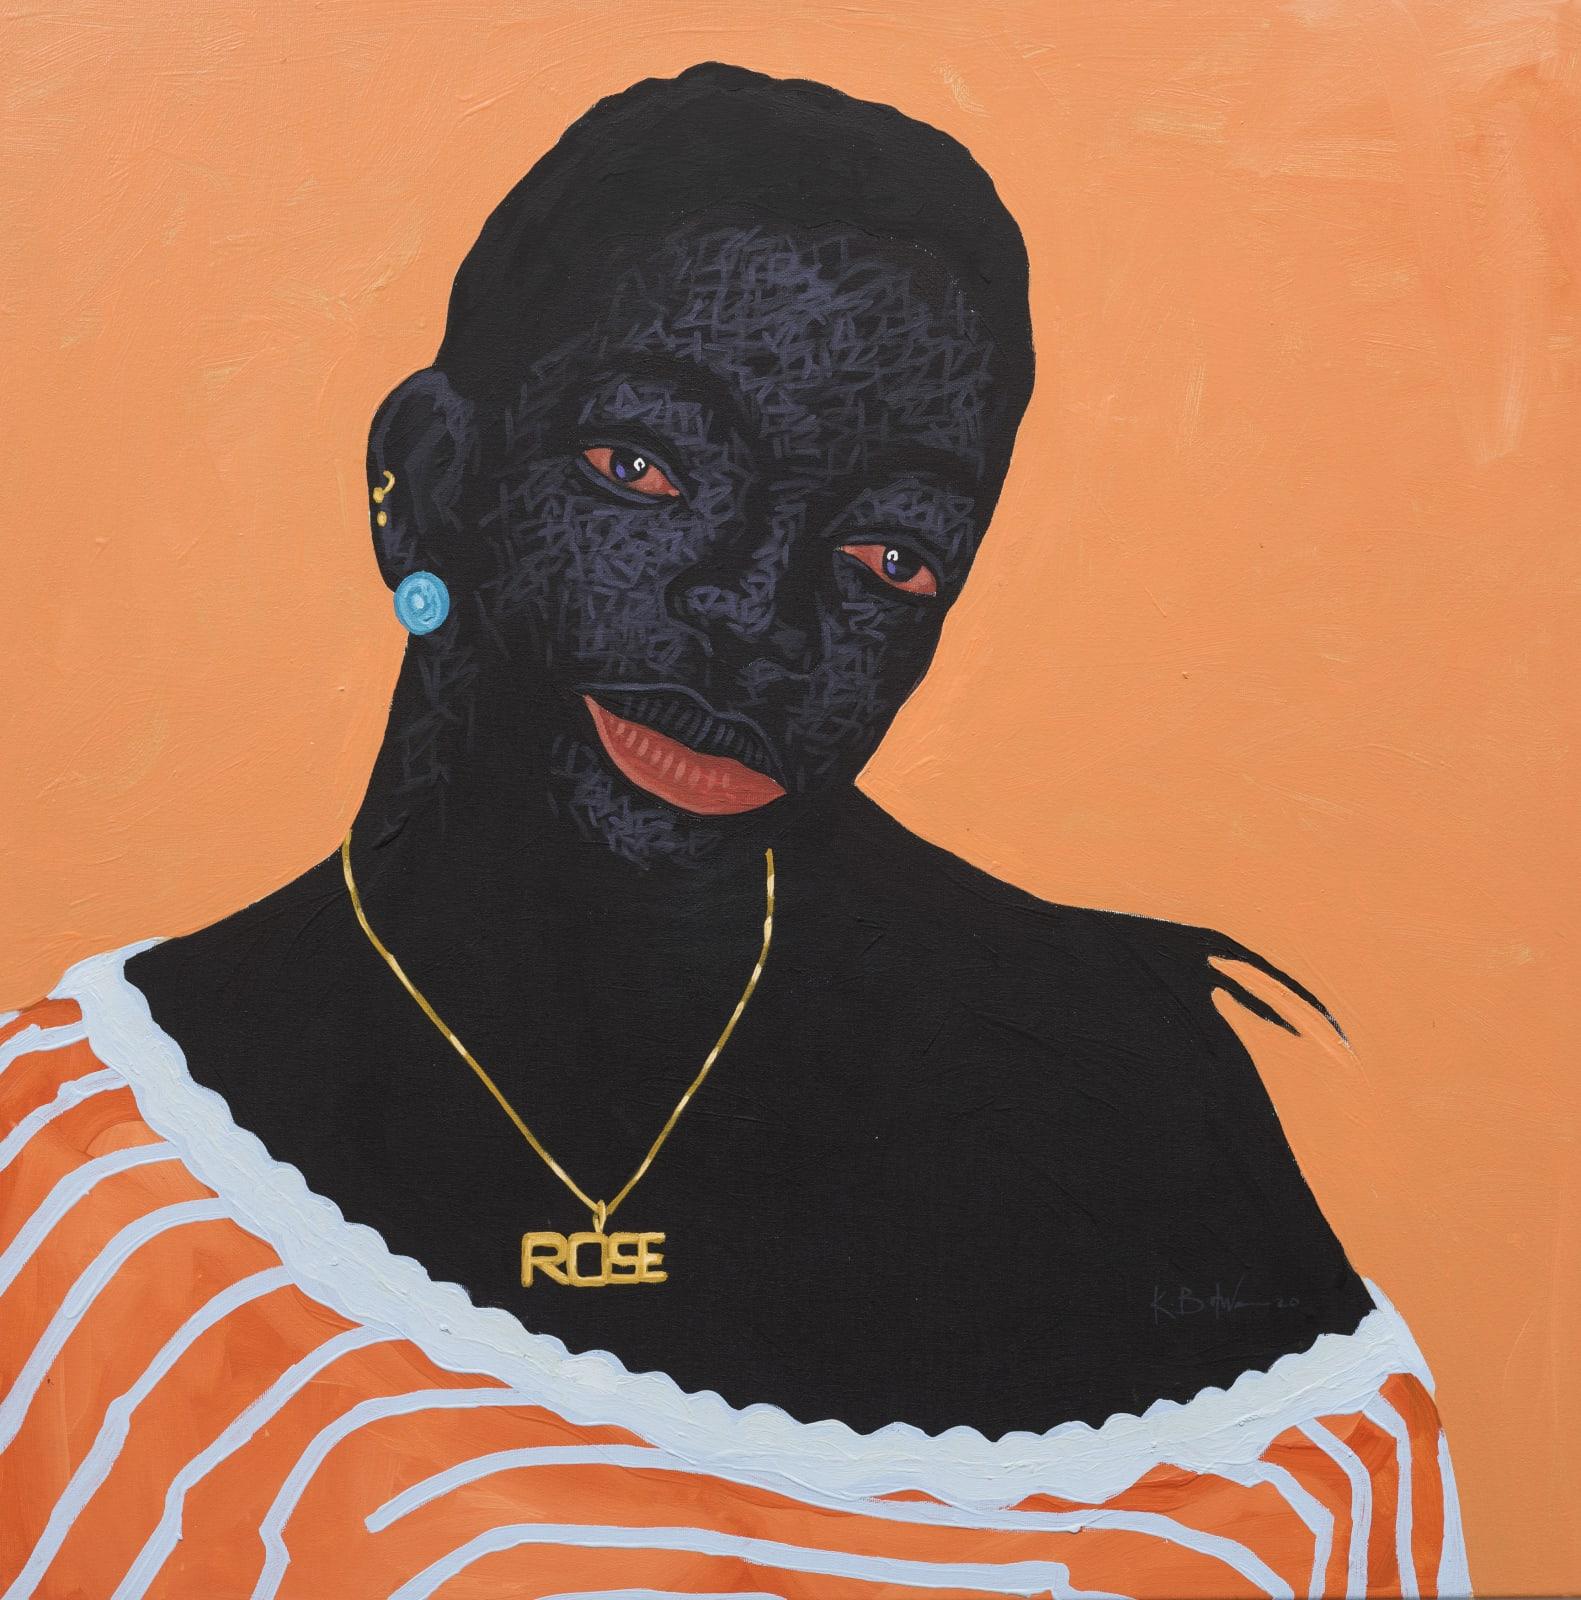 Kwesi Botchway, Rose, 2020